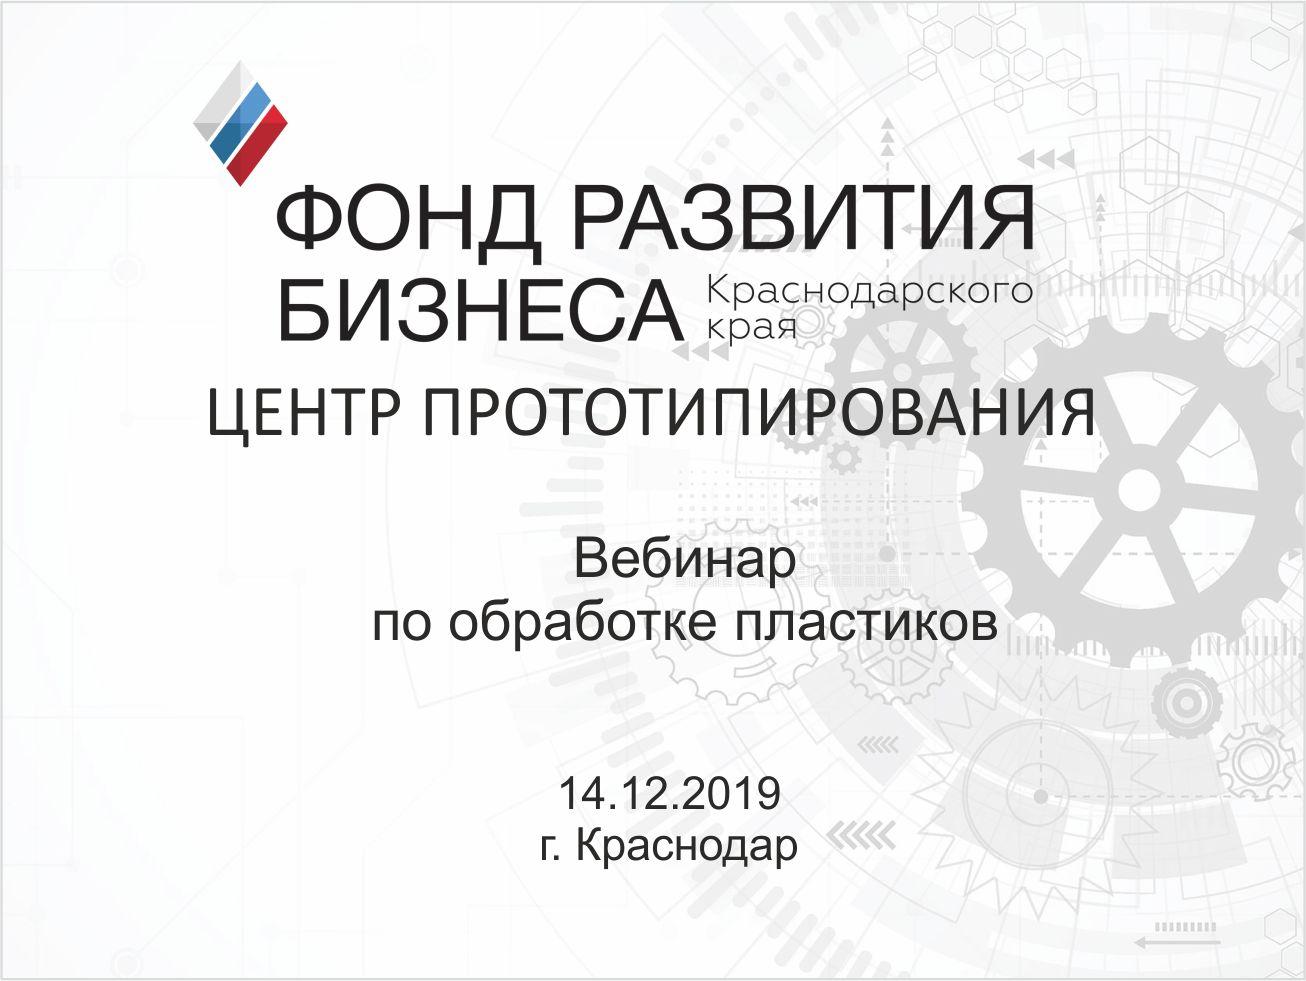 Вебинар по обработке пластиков в Краснодаре